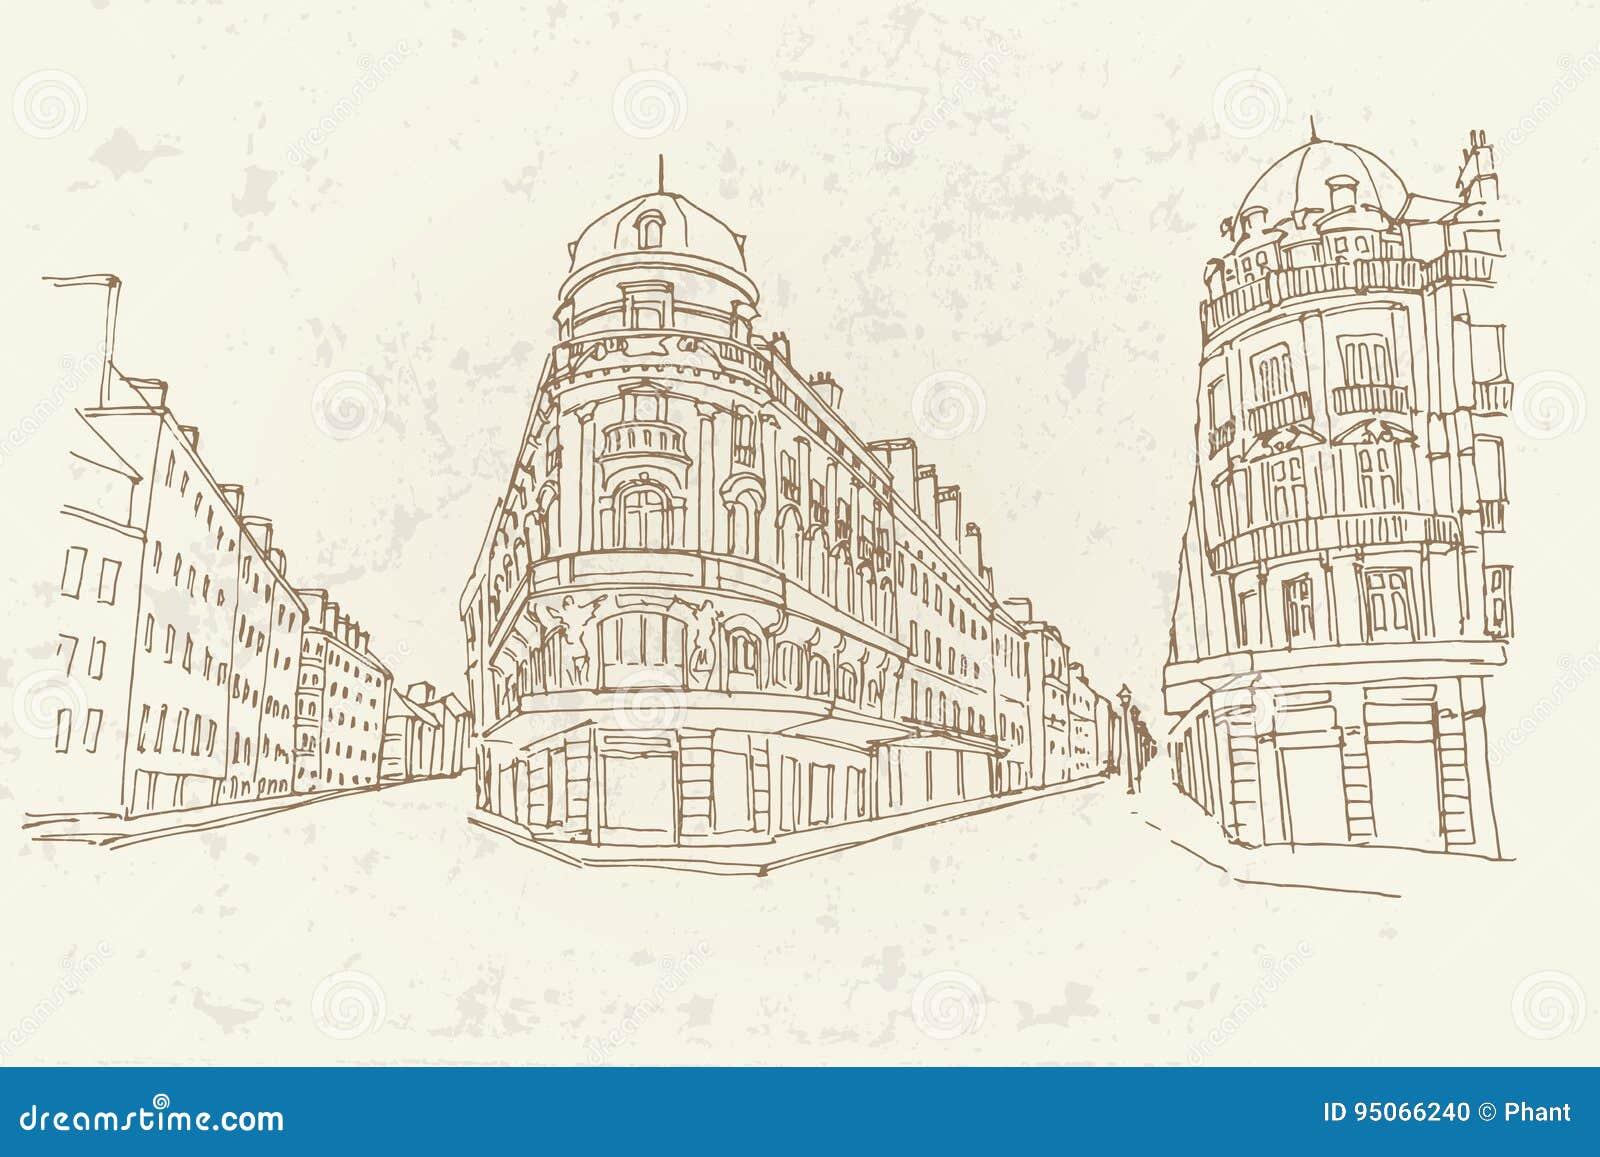 Vector sketch of street scene in France.